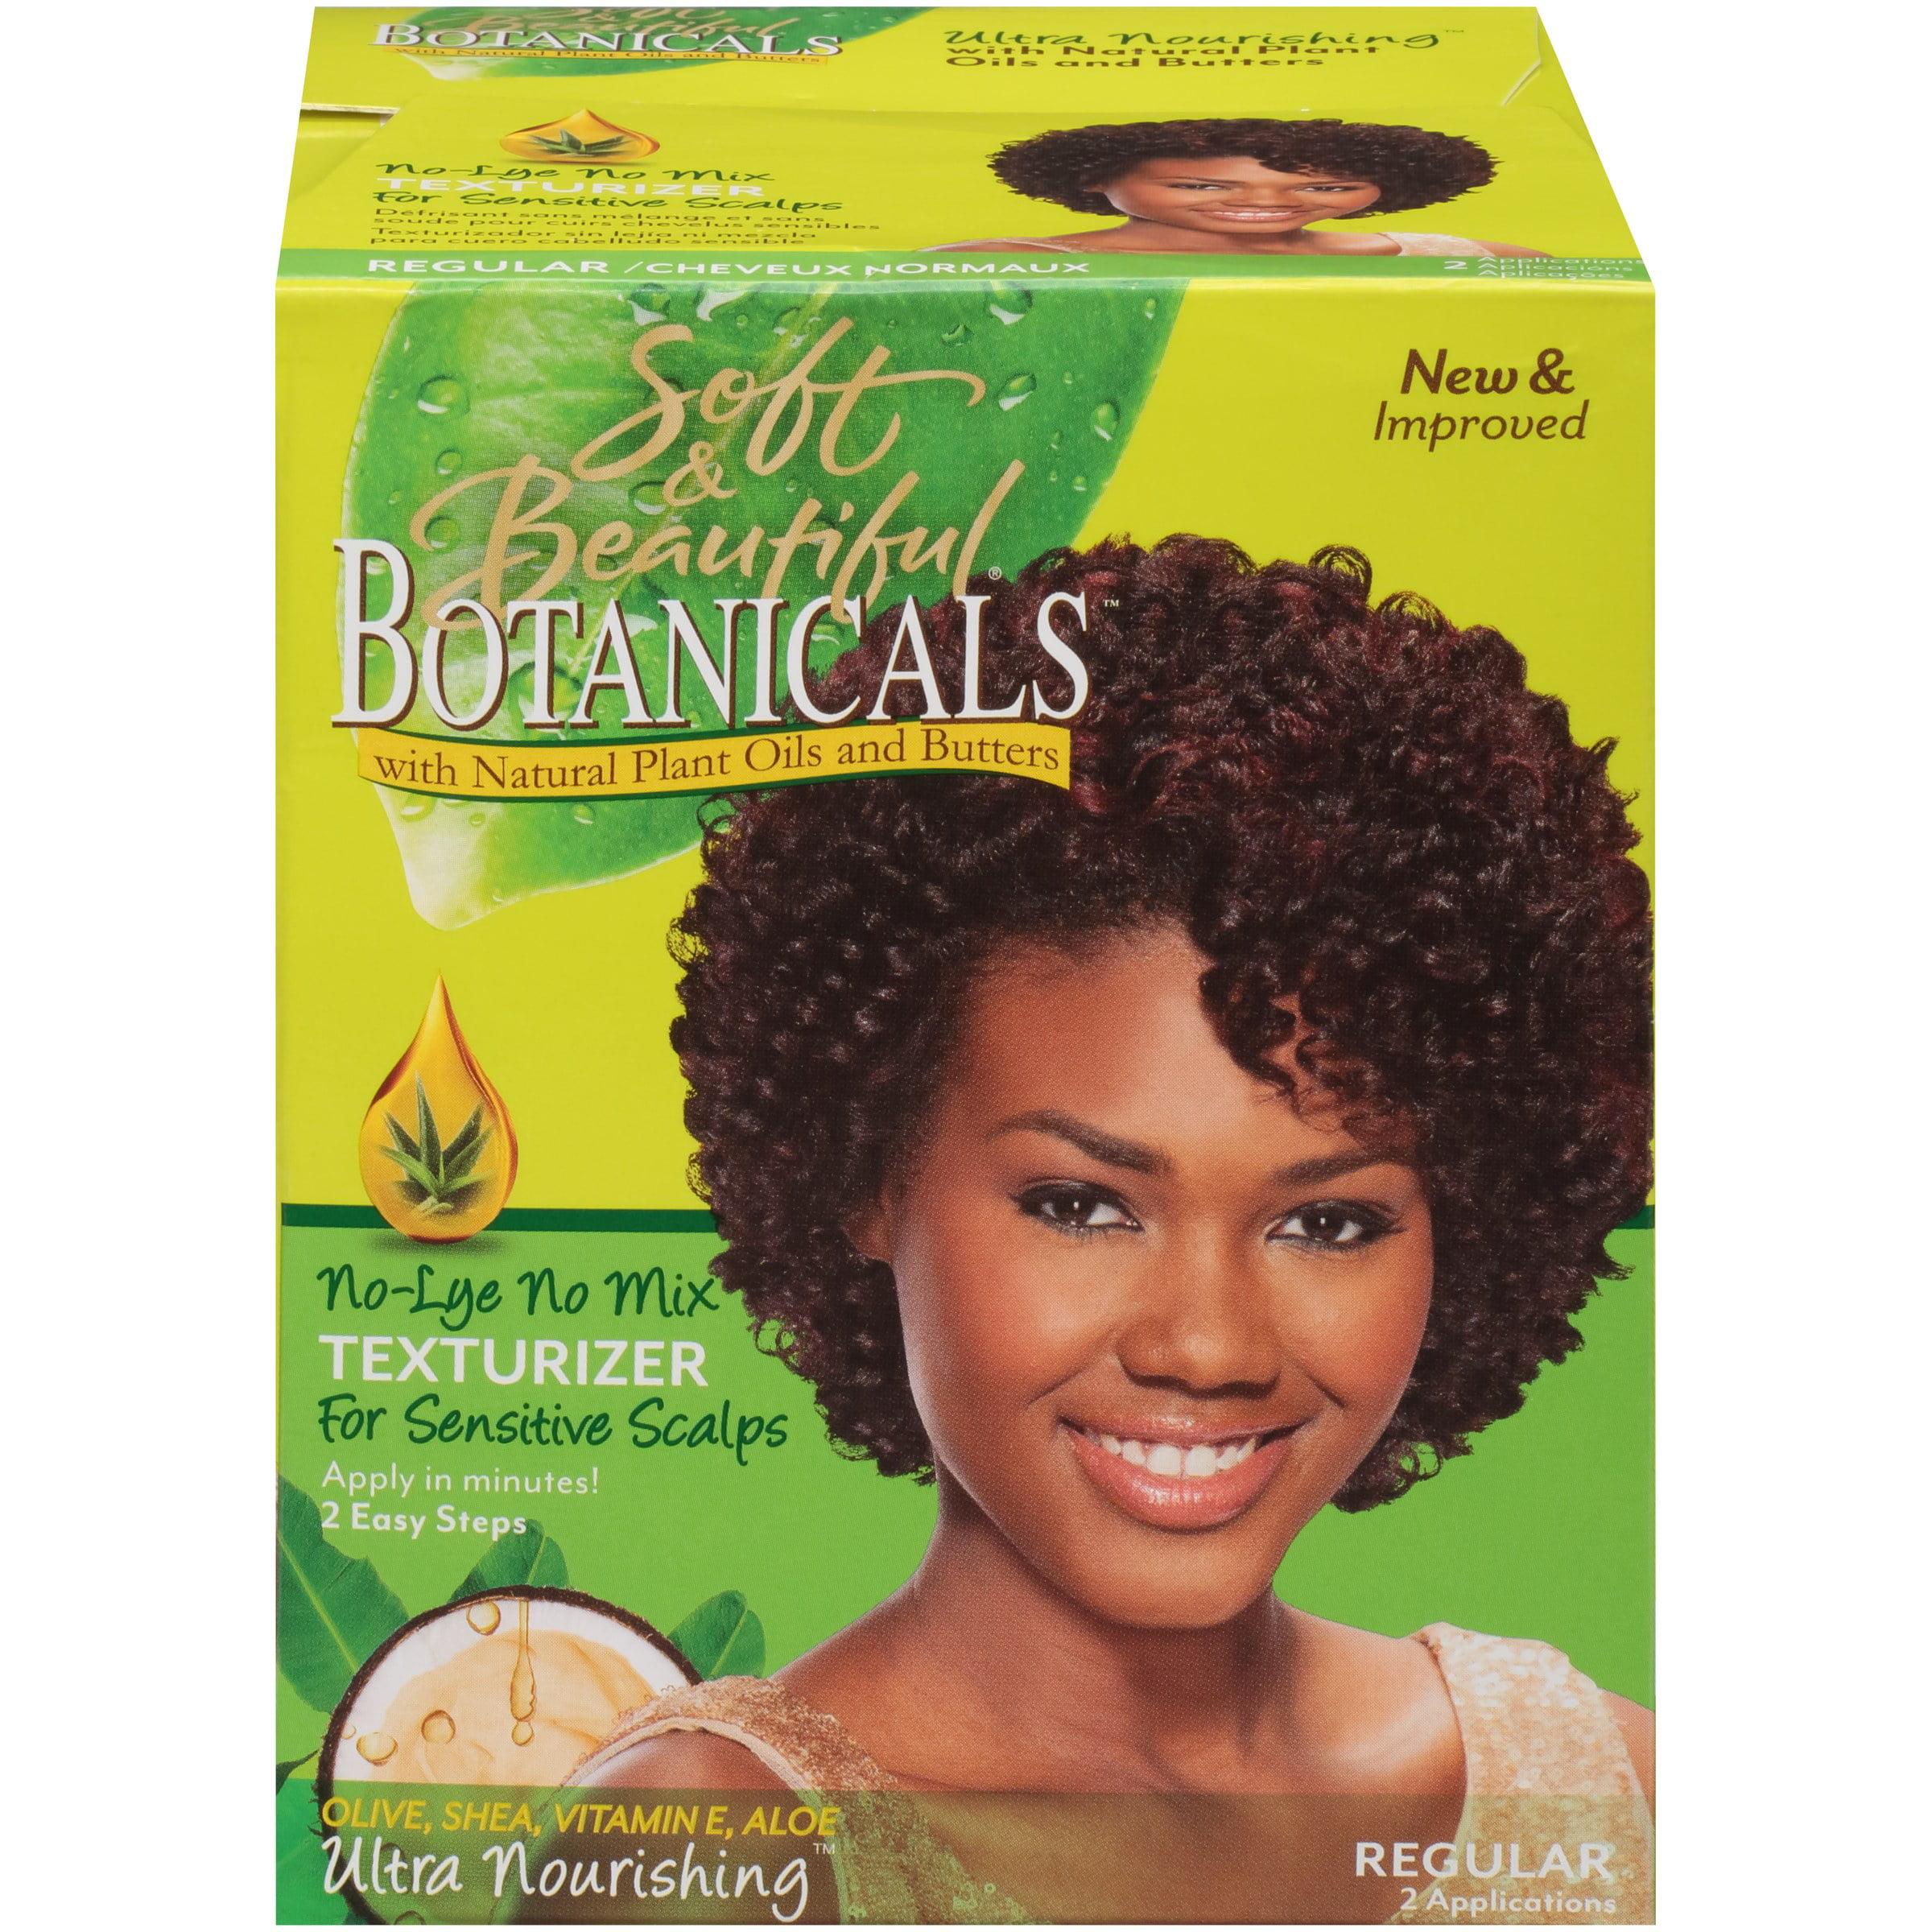 Soft Beautiful Botanicals Regular No Lye Mix Texturizer For Sensitive Scalps Box